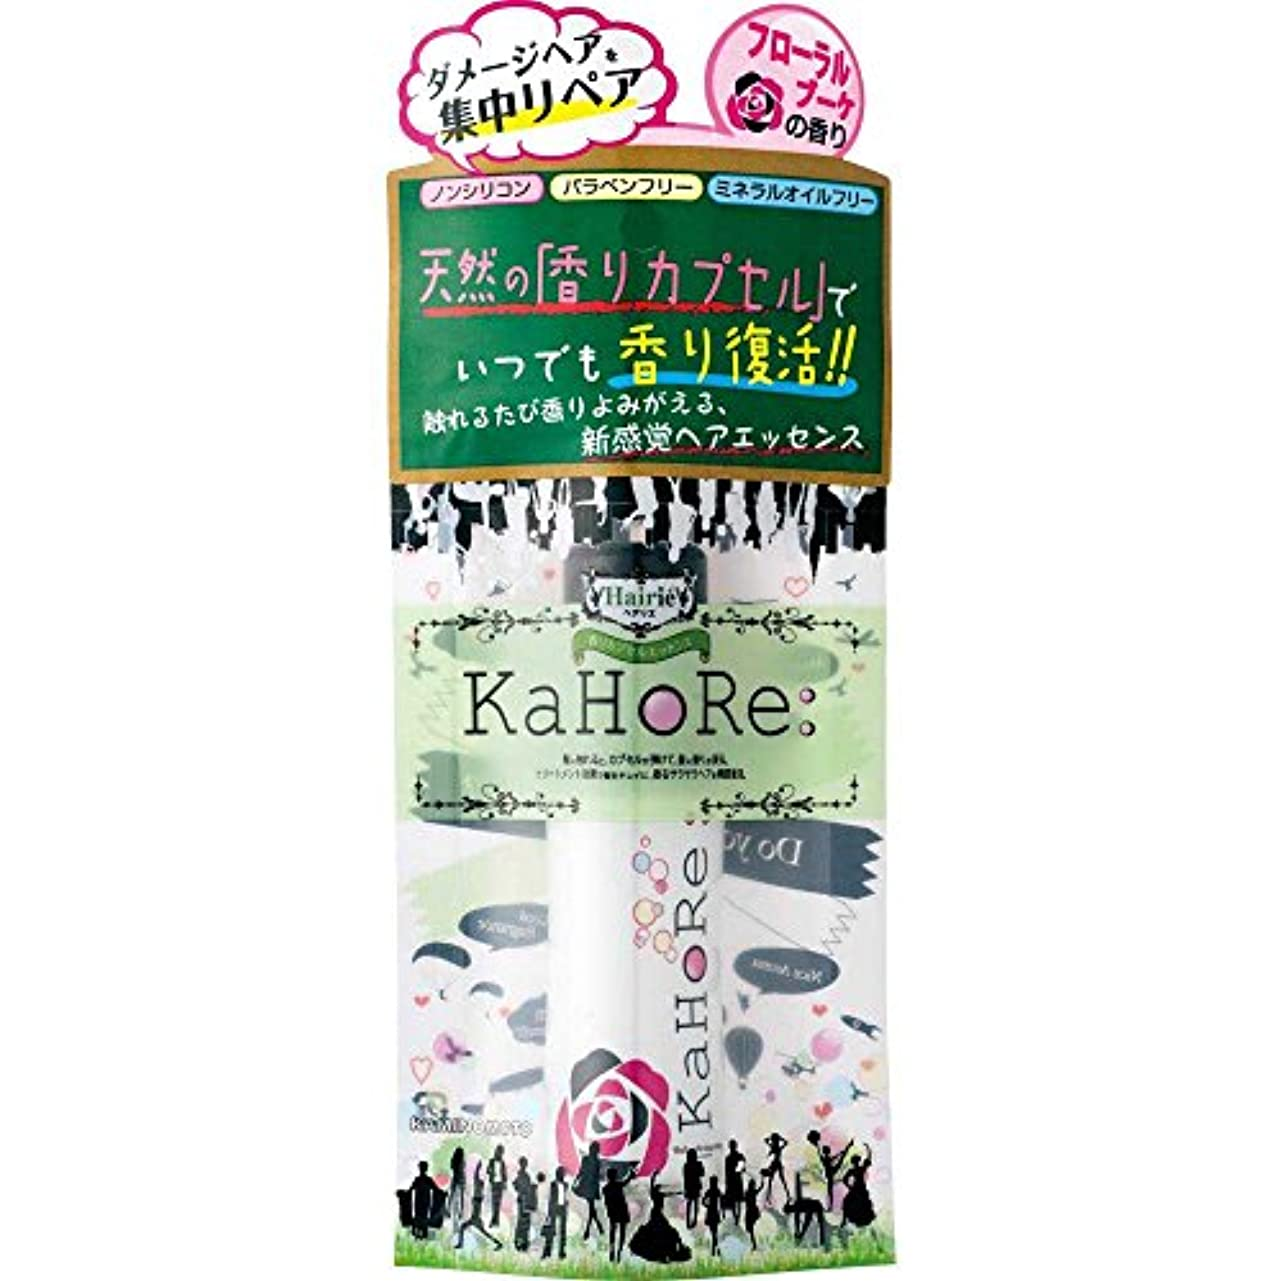 艶フォアタイプくまヘアリエ KaHoRe ヘアエッセンス フローラルブーケの香り 30g